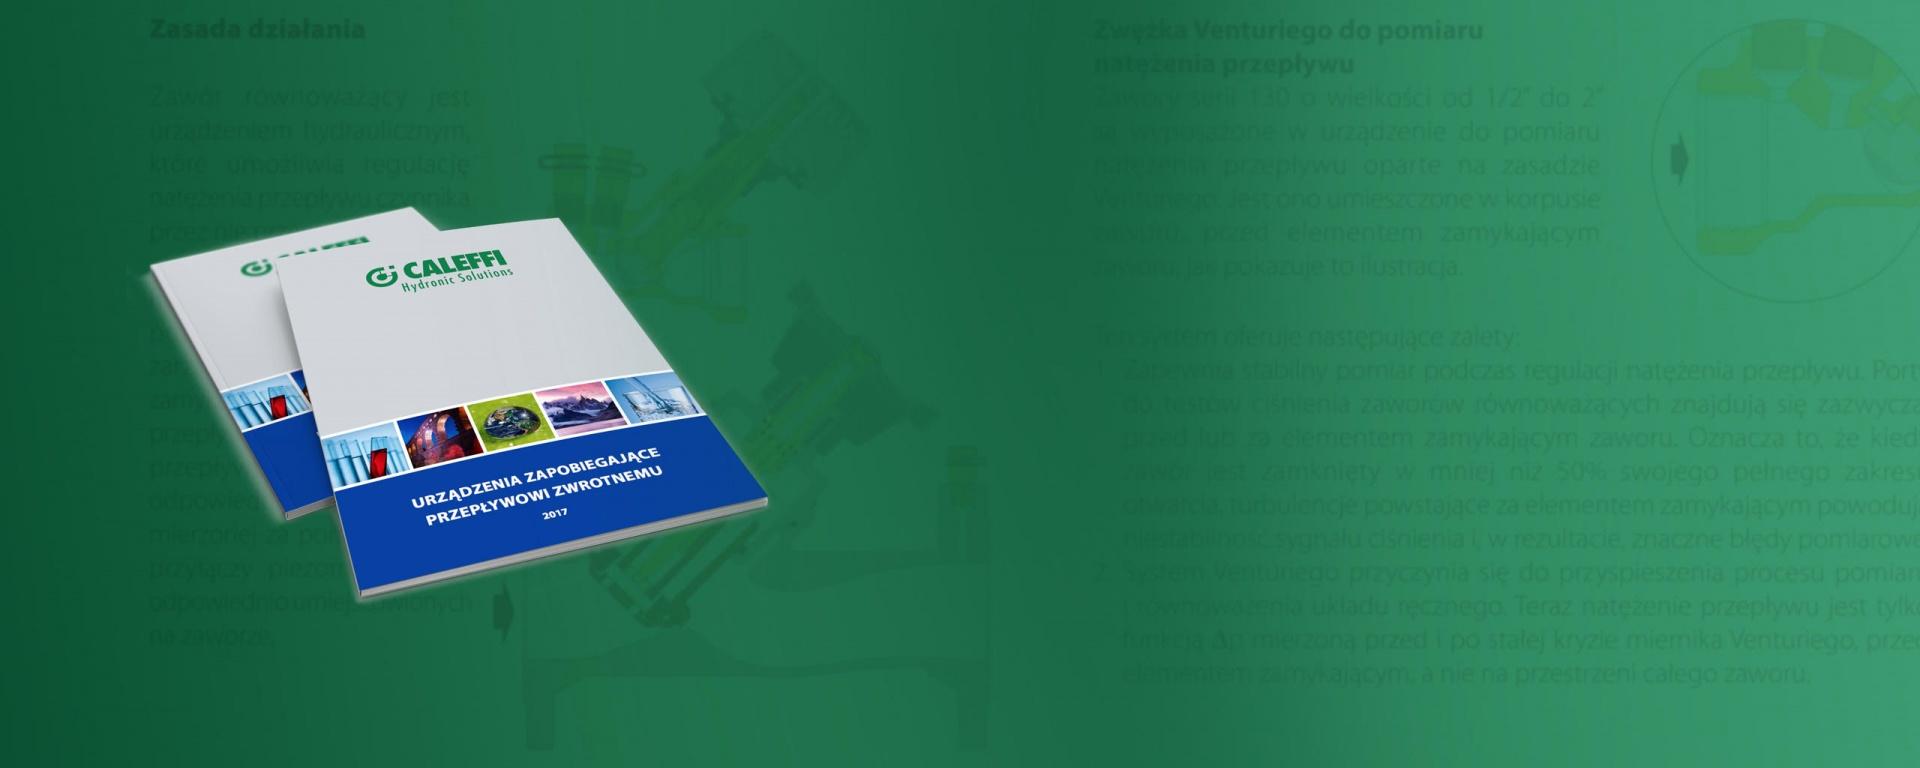 Broszura Urządzenia zapobiegające przepływowi zwrotnemu